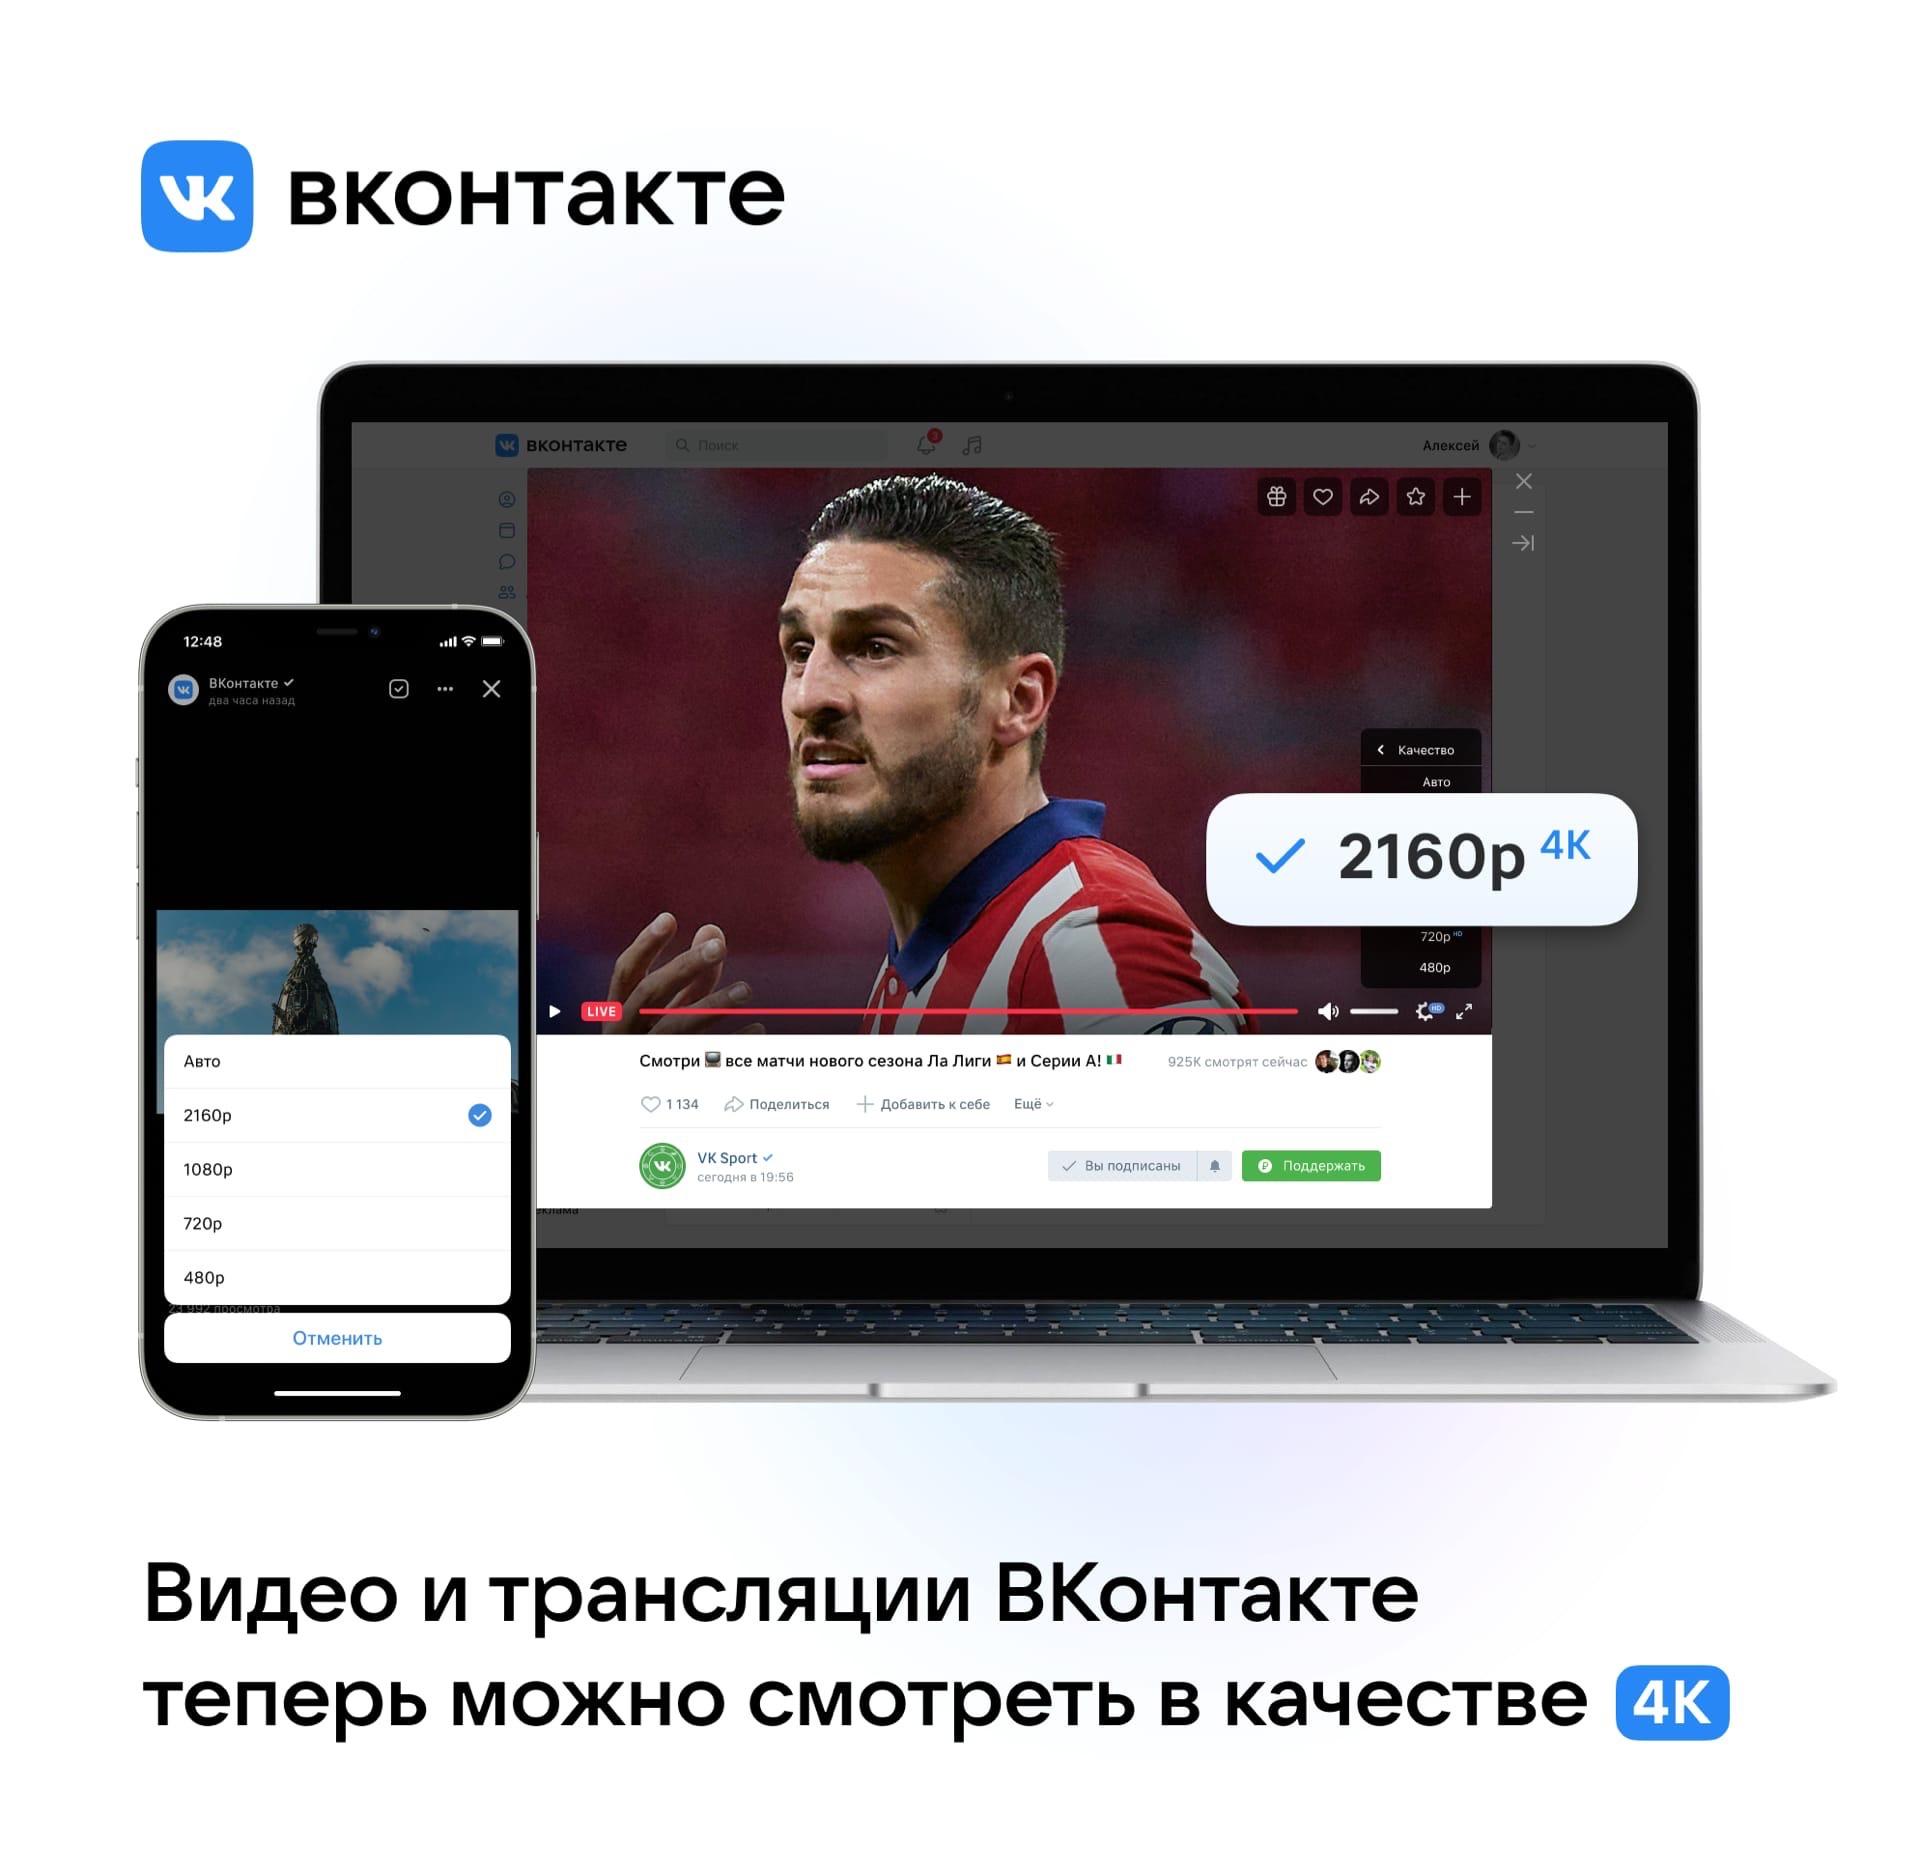 ВКонтакте анонсировали обновленную версию видеоплатформы